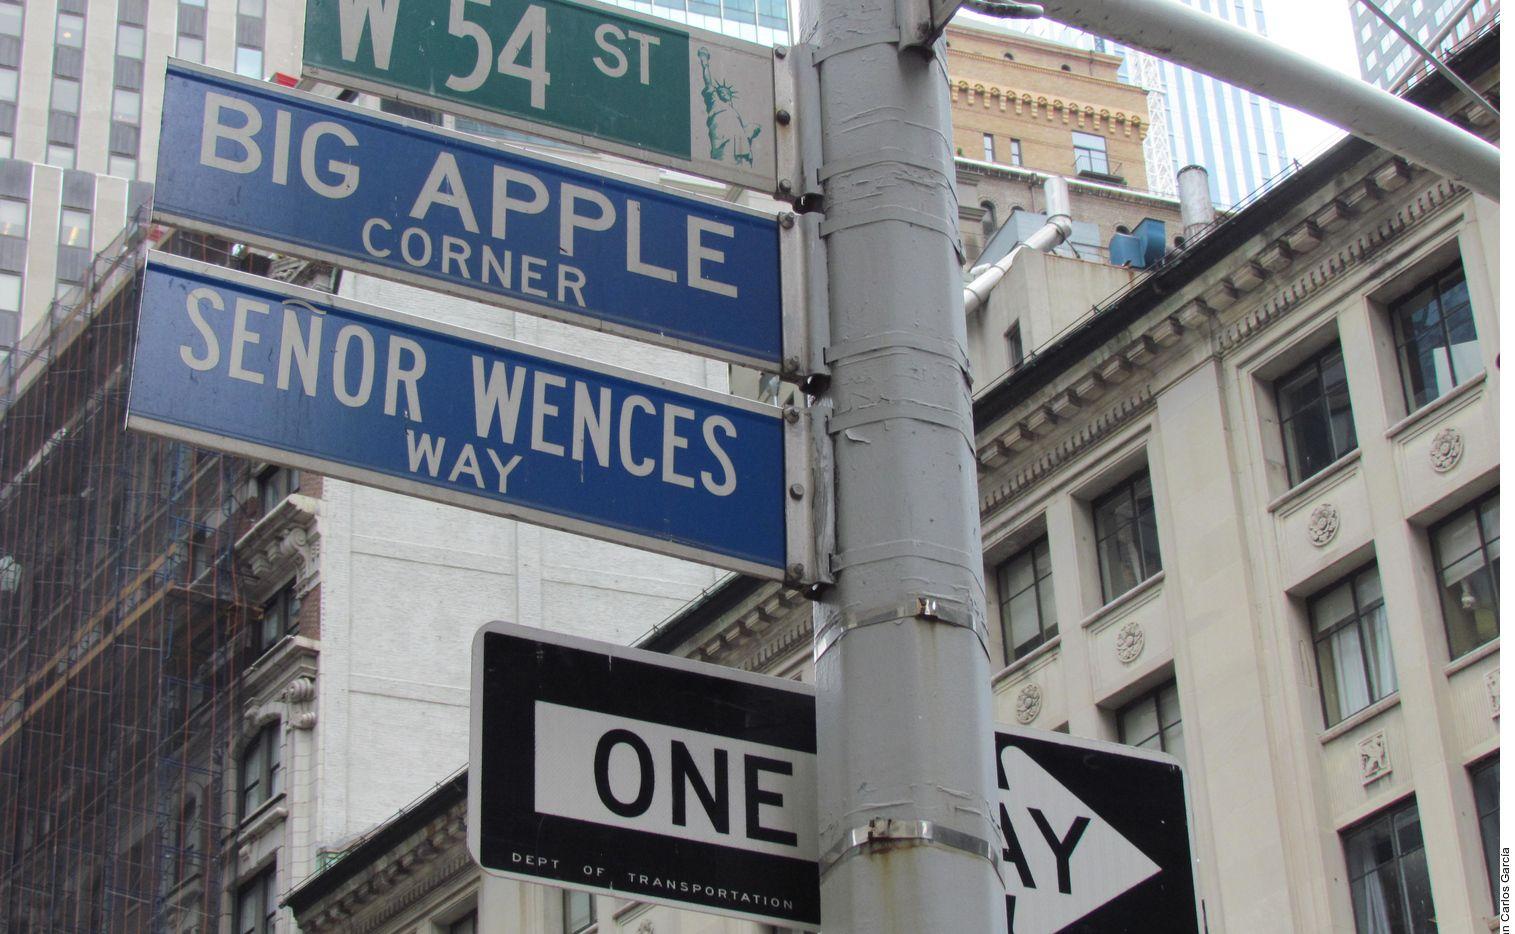 La ciudad de Nueva York es conocida como la Gran Manzana, sobrenombre que tiene su origen en las carreras de caballos que se realizaban durante la década de 1920.